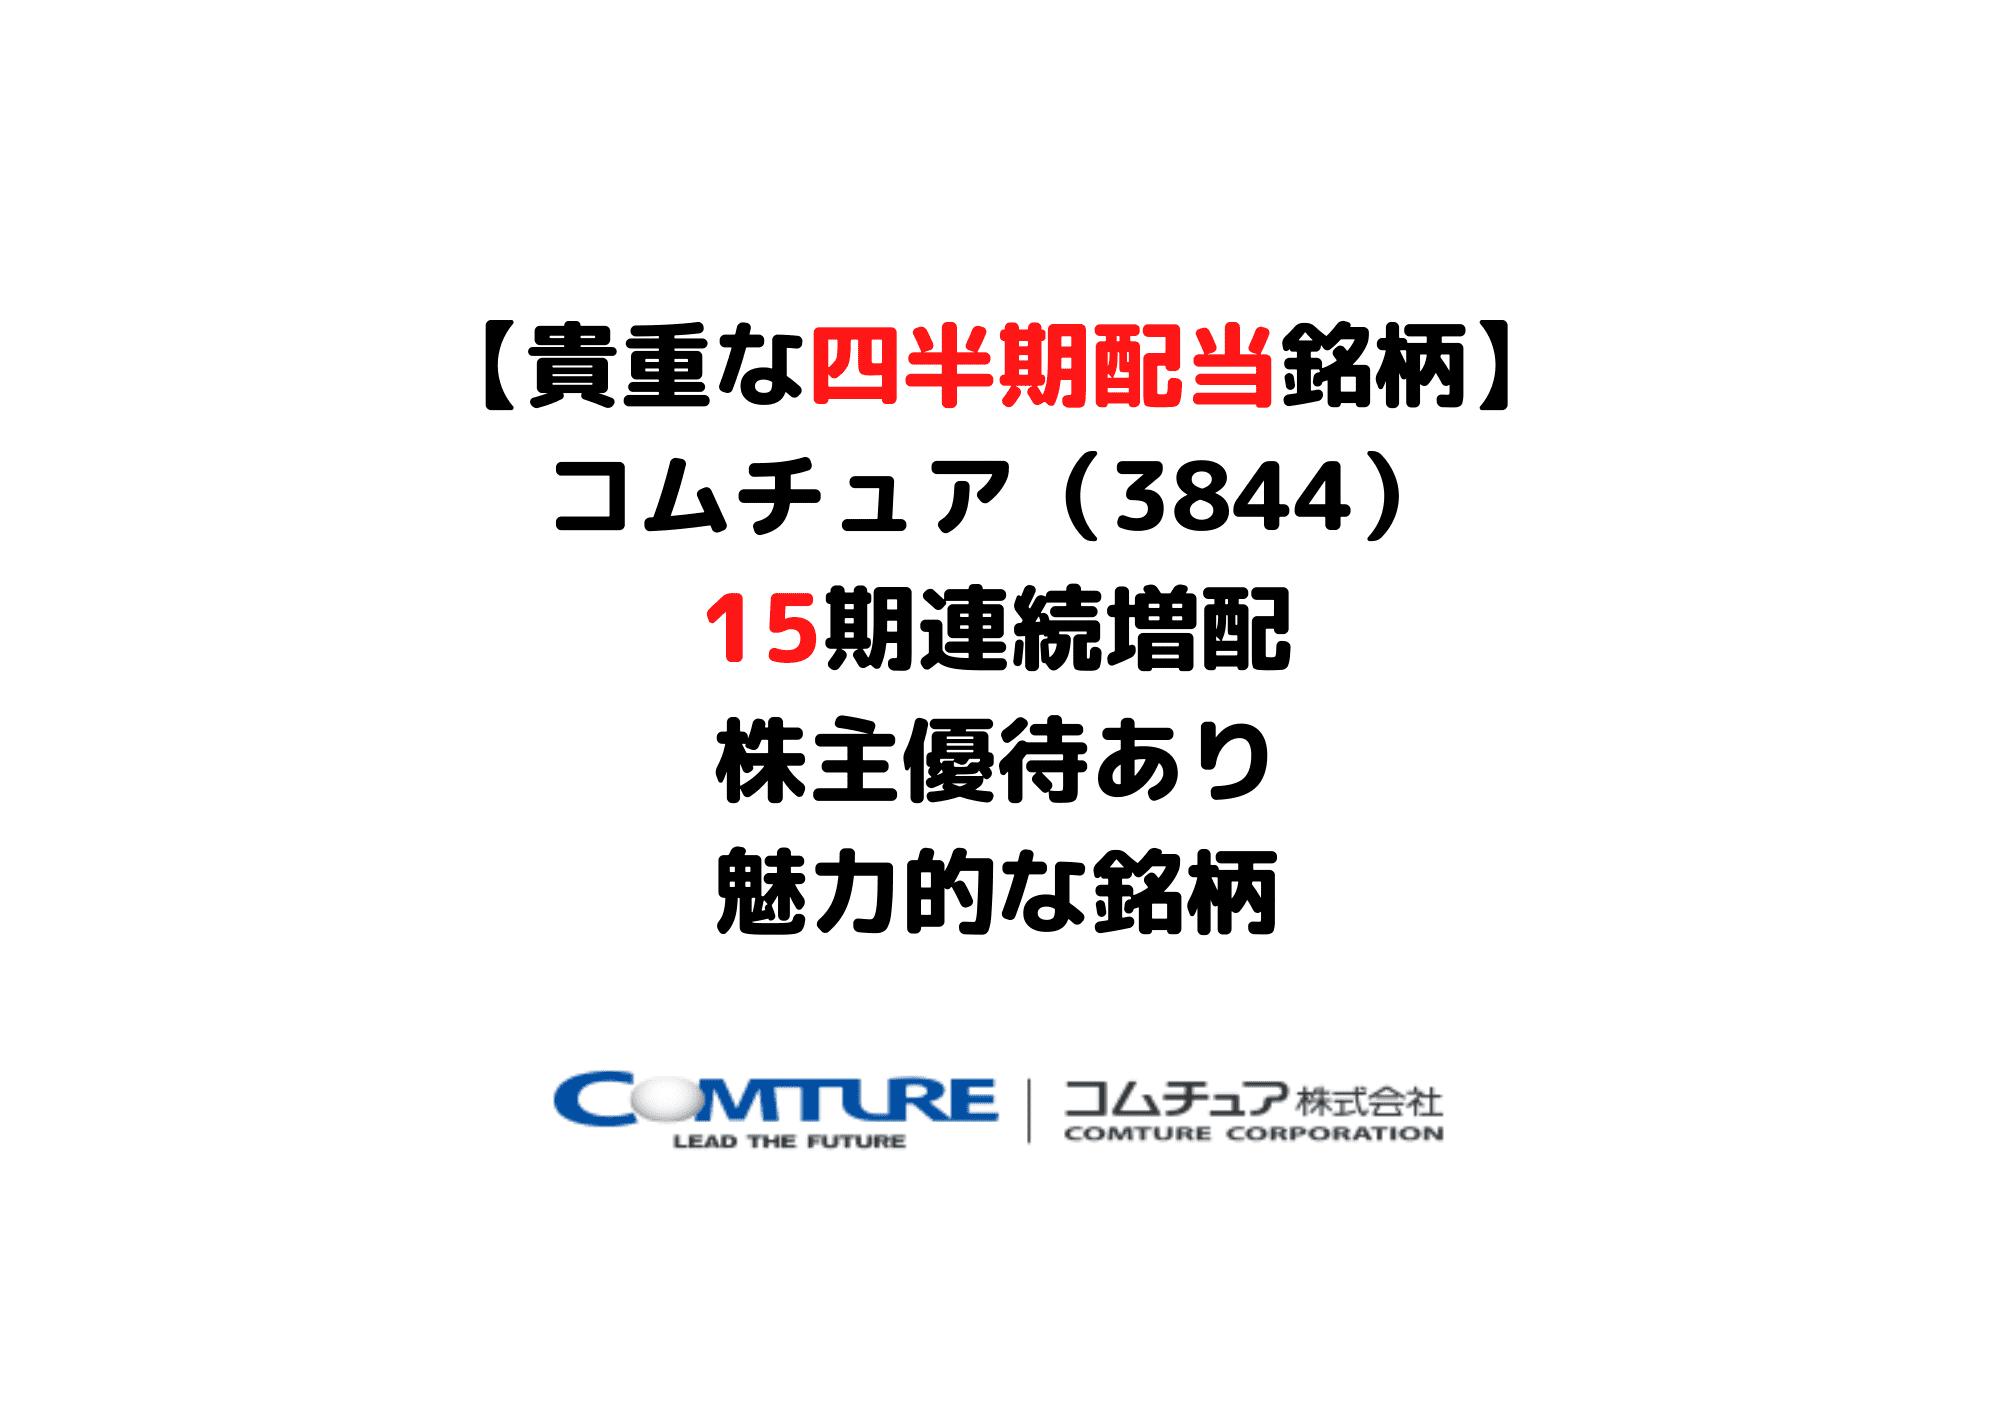 3844 コムチュア (1)